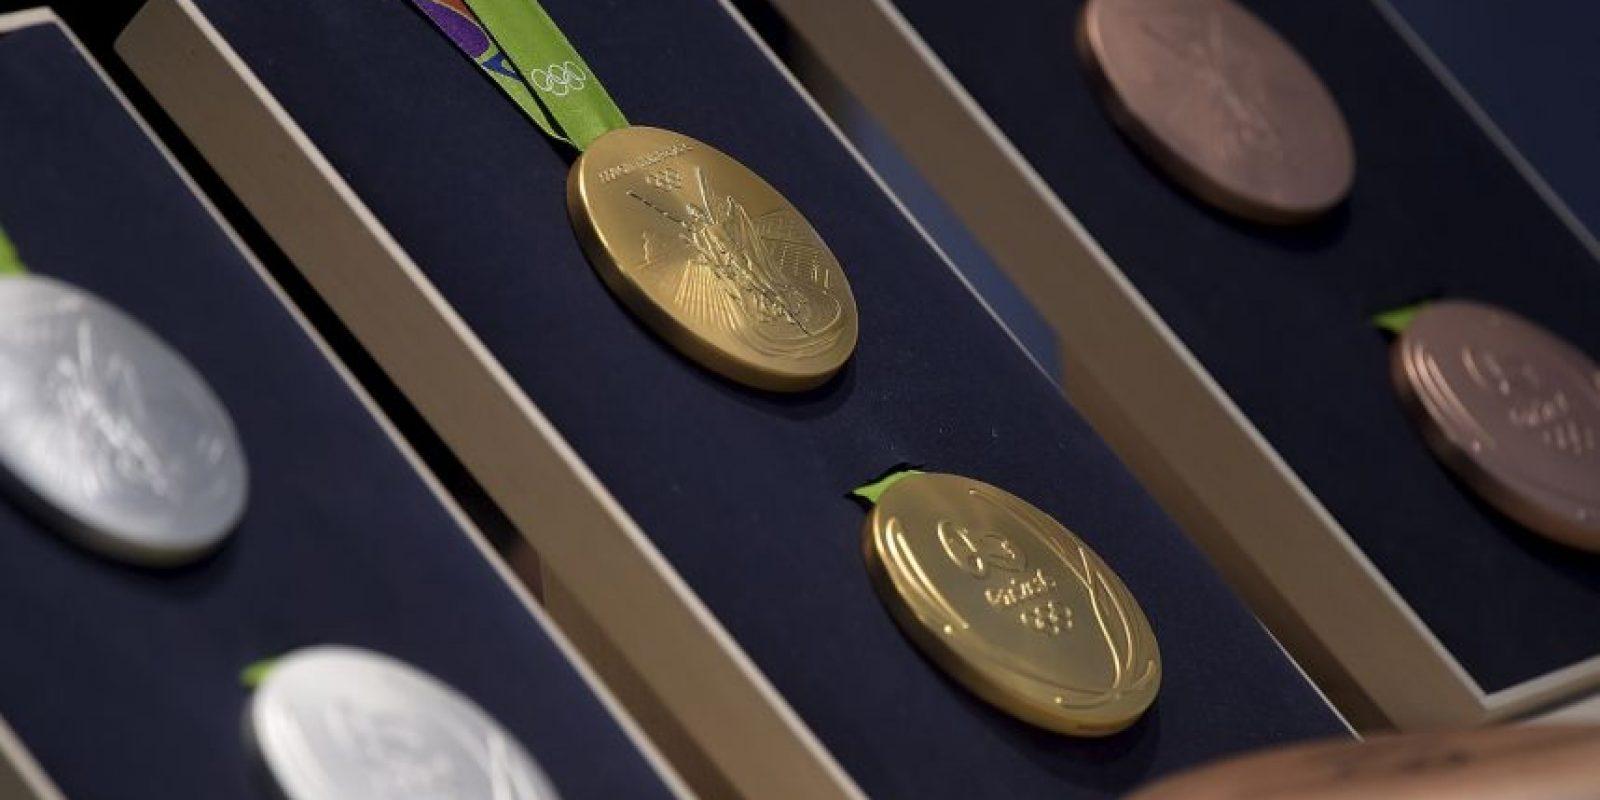 Las medallas siguen un controlado proceso de sostenibilidad y el oro utilizado no fue extraído con mercurio Foto:Getty Images